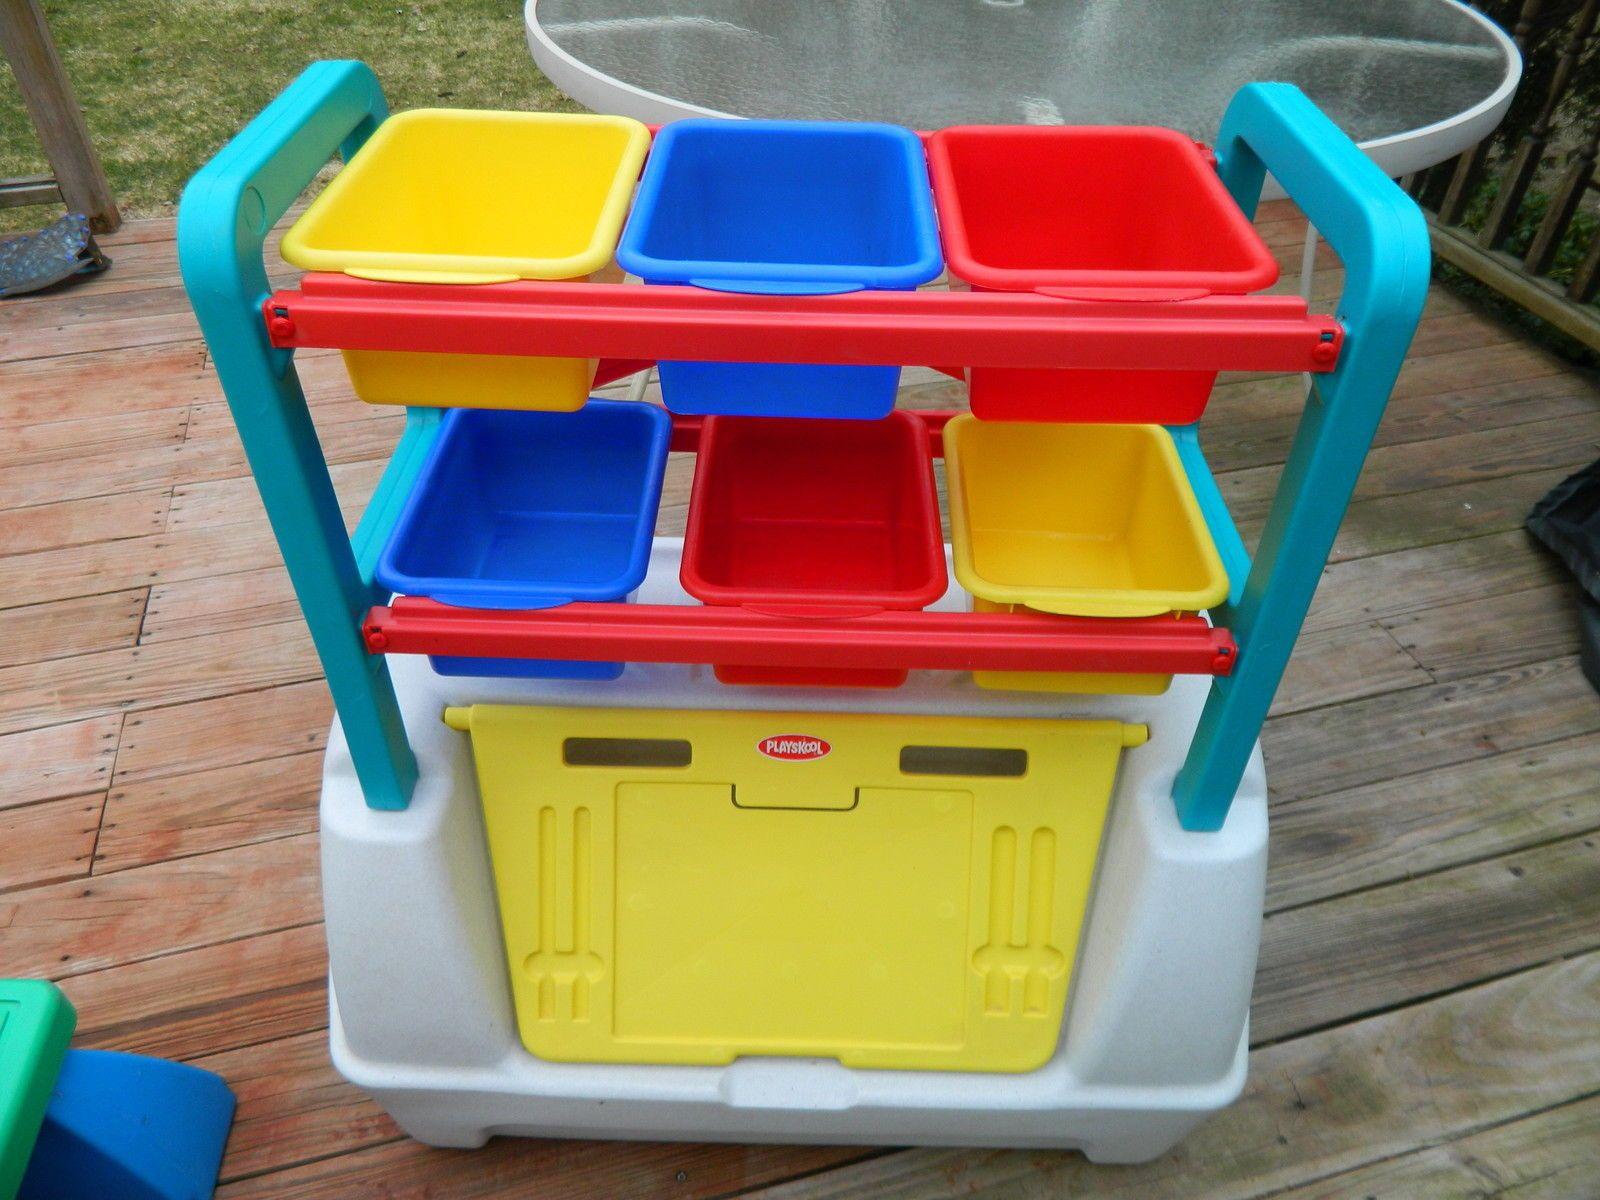 Playskool Toy Chest Storage Bins